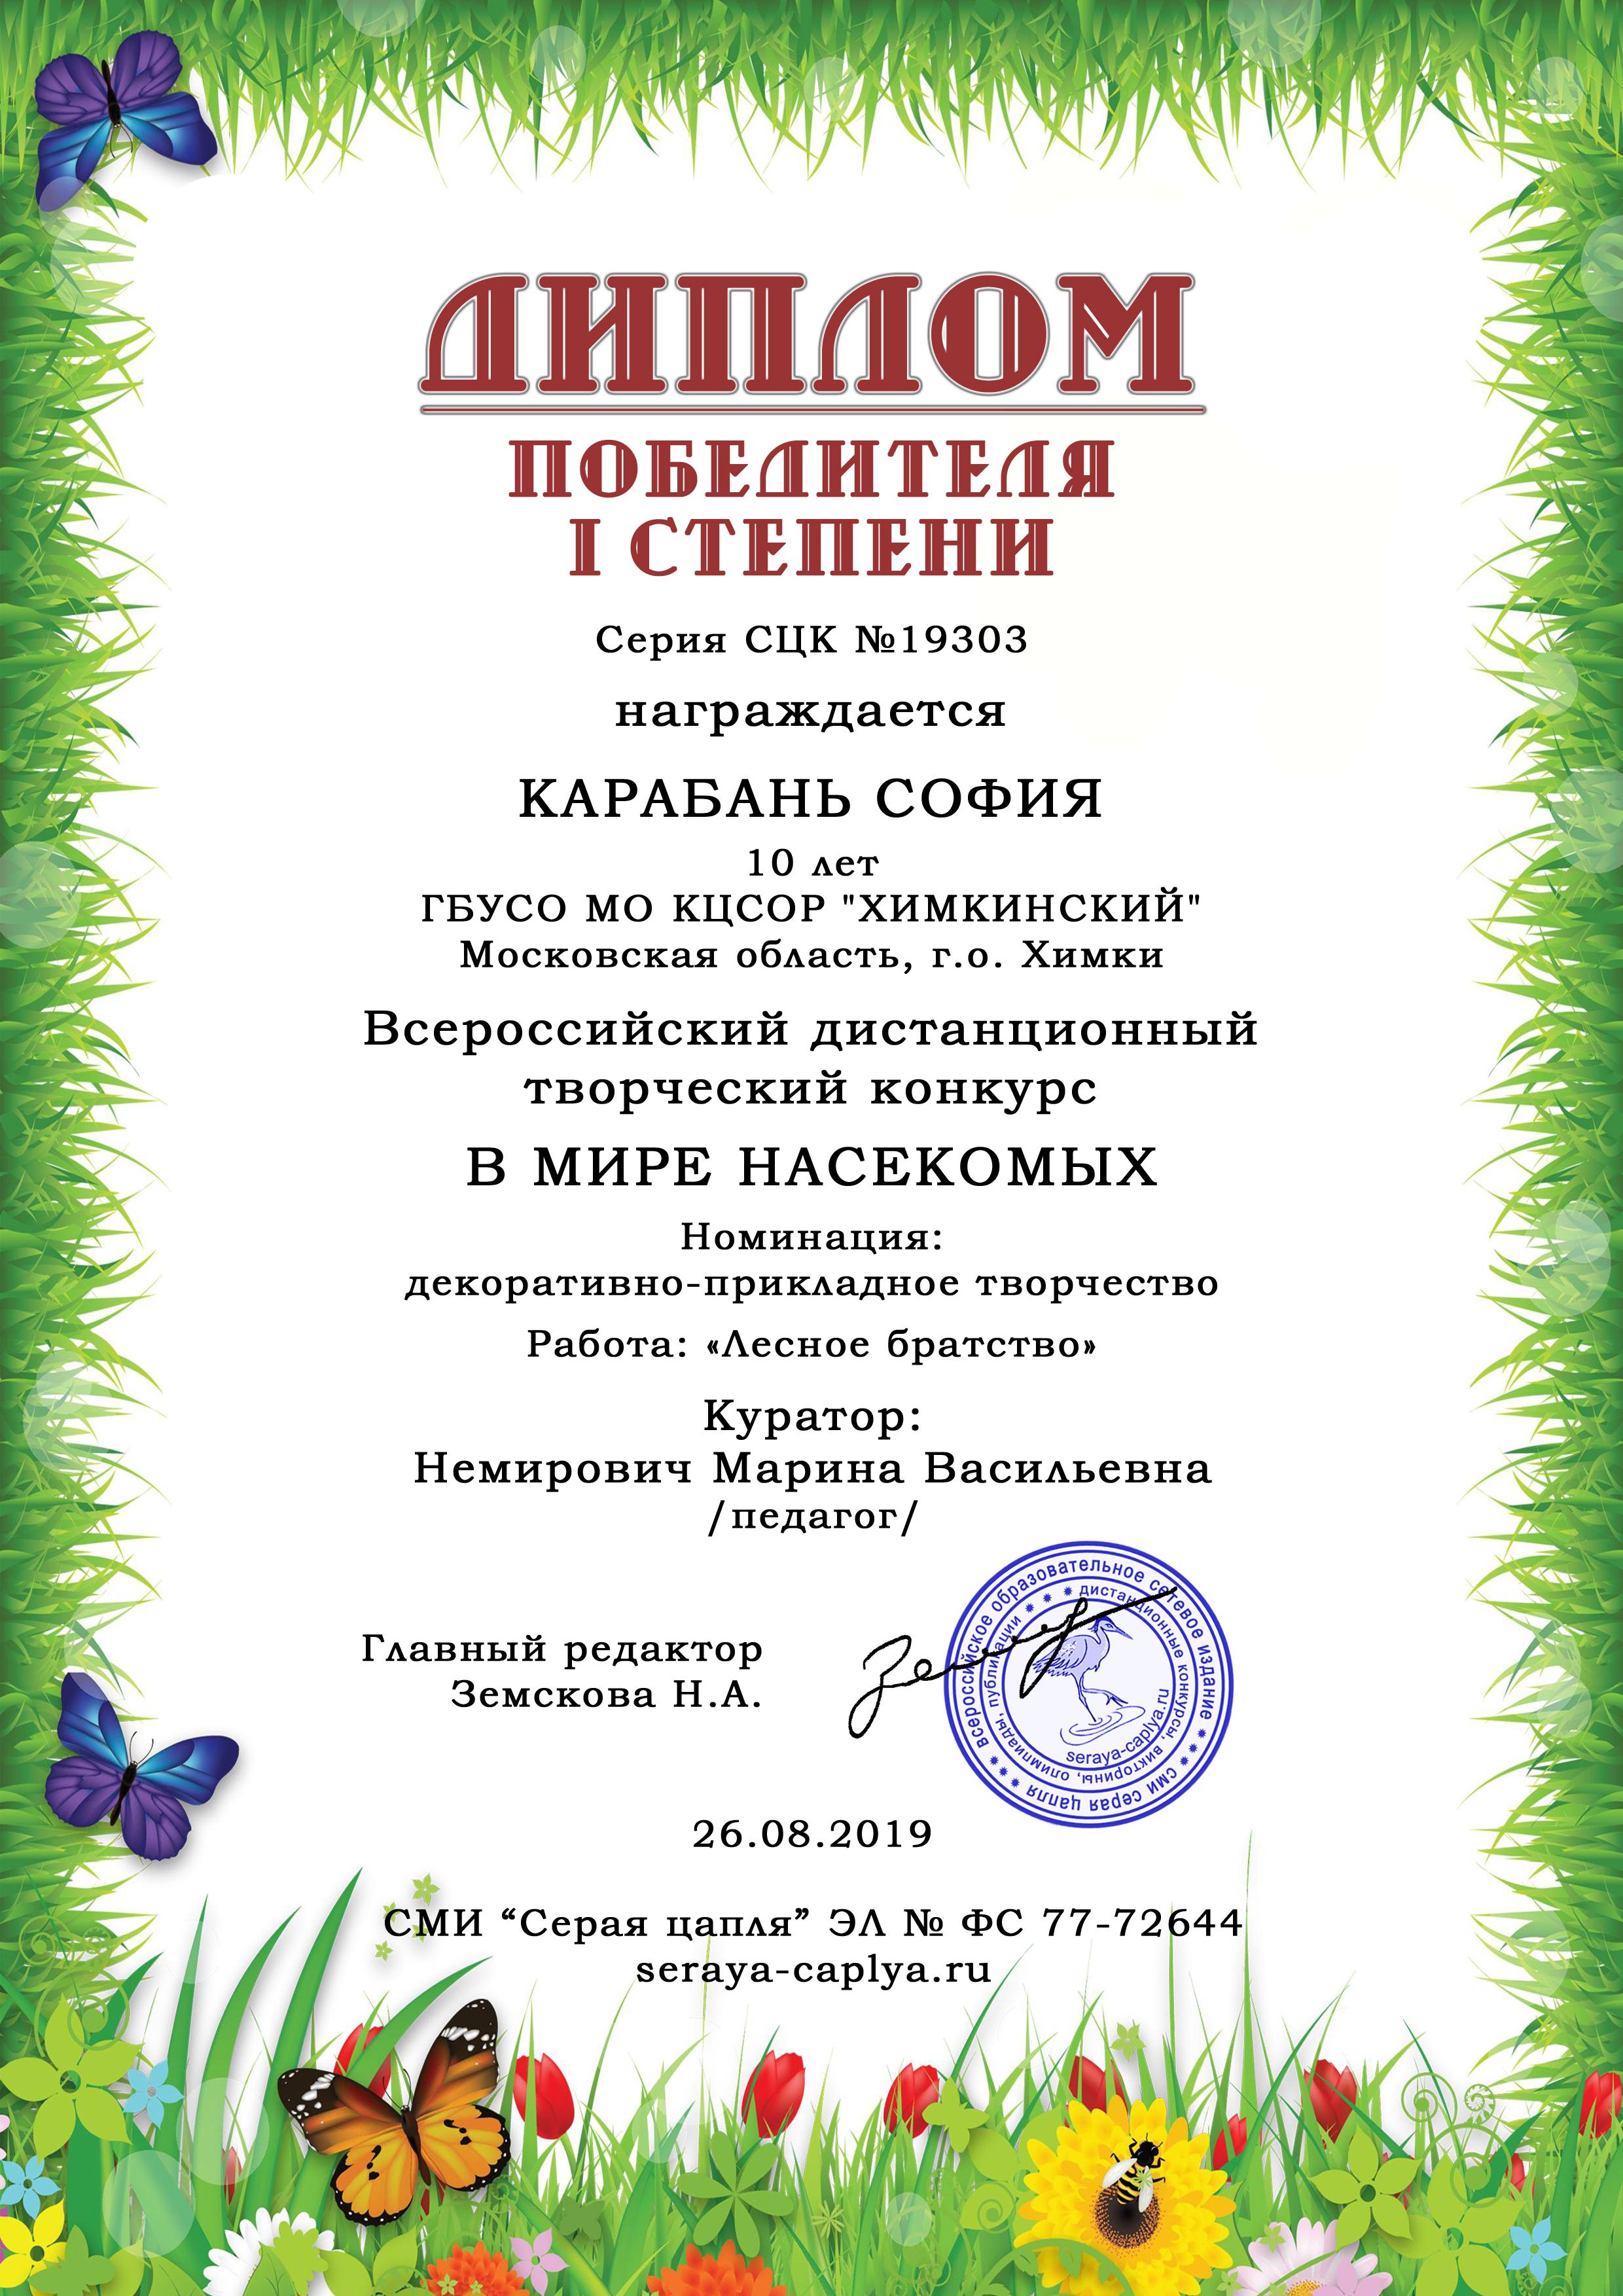 Карабань, диплом